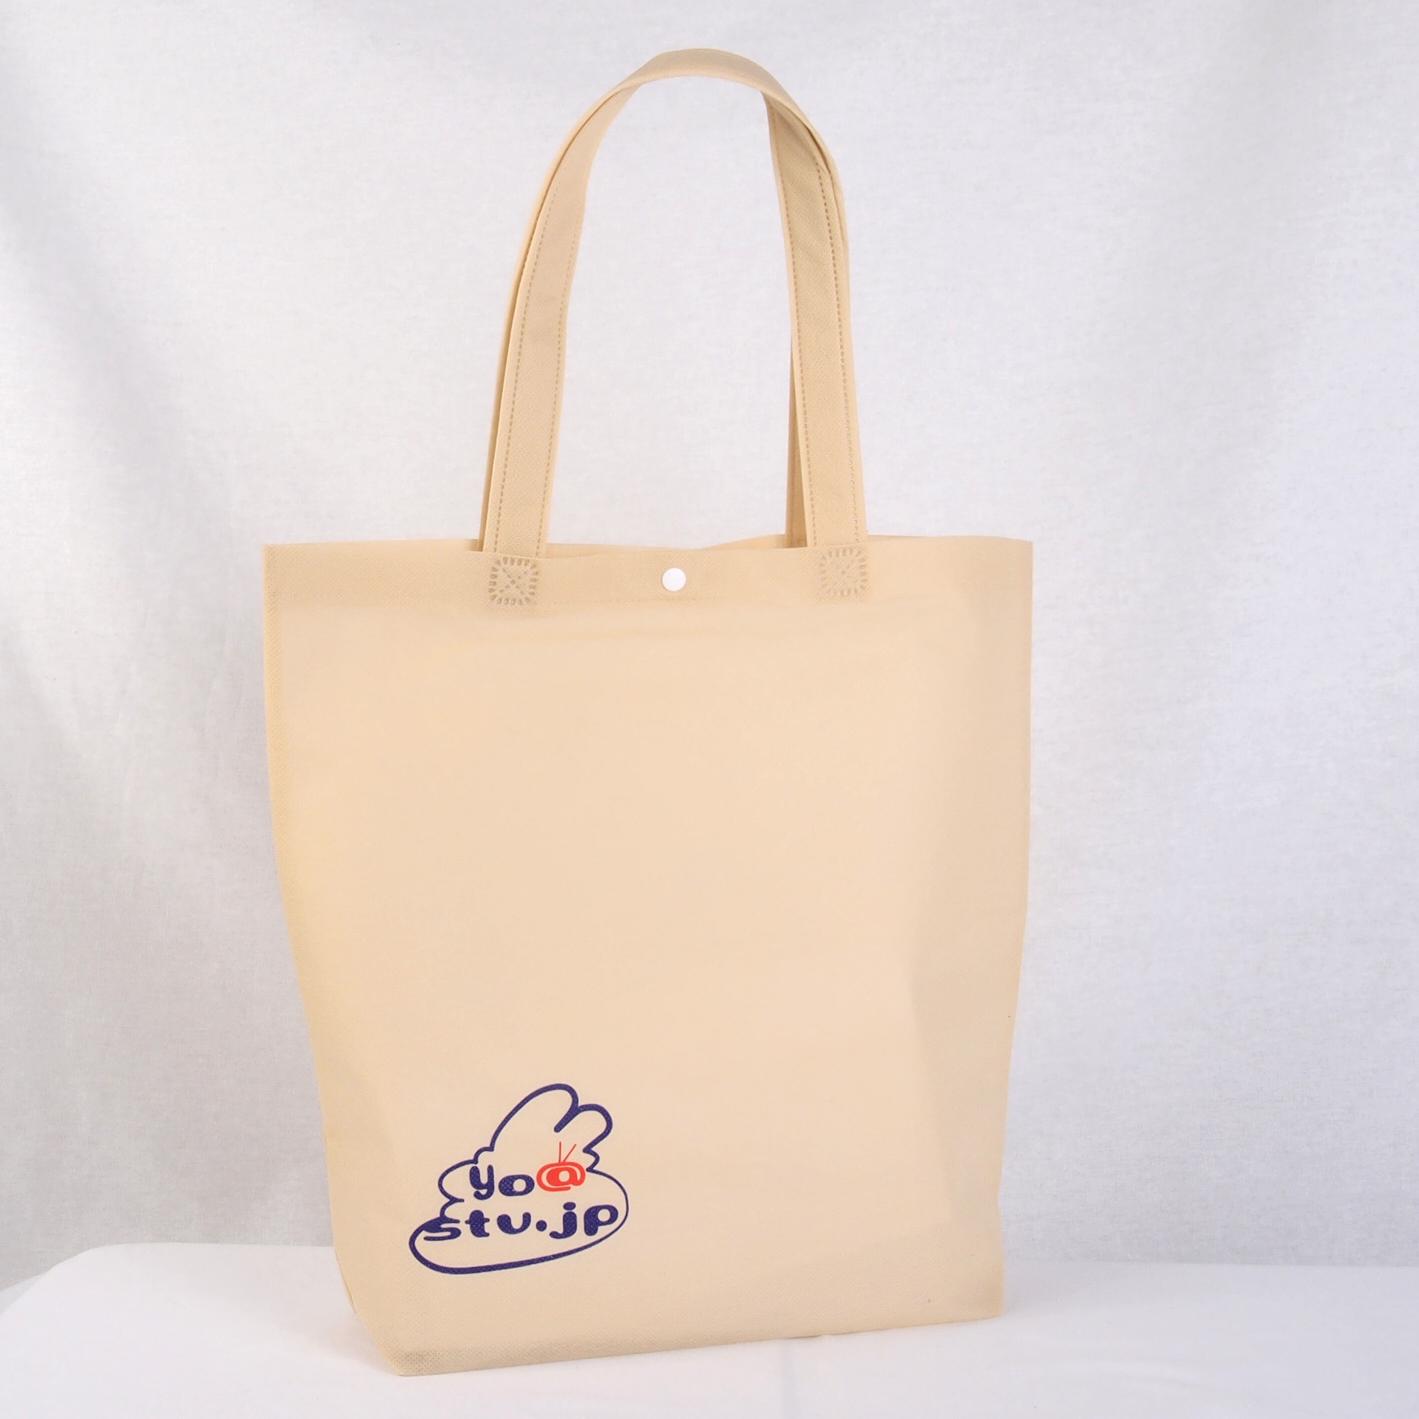 札幌のラジオ局のオリジナル不織布バッグ